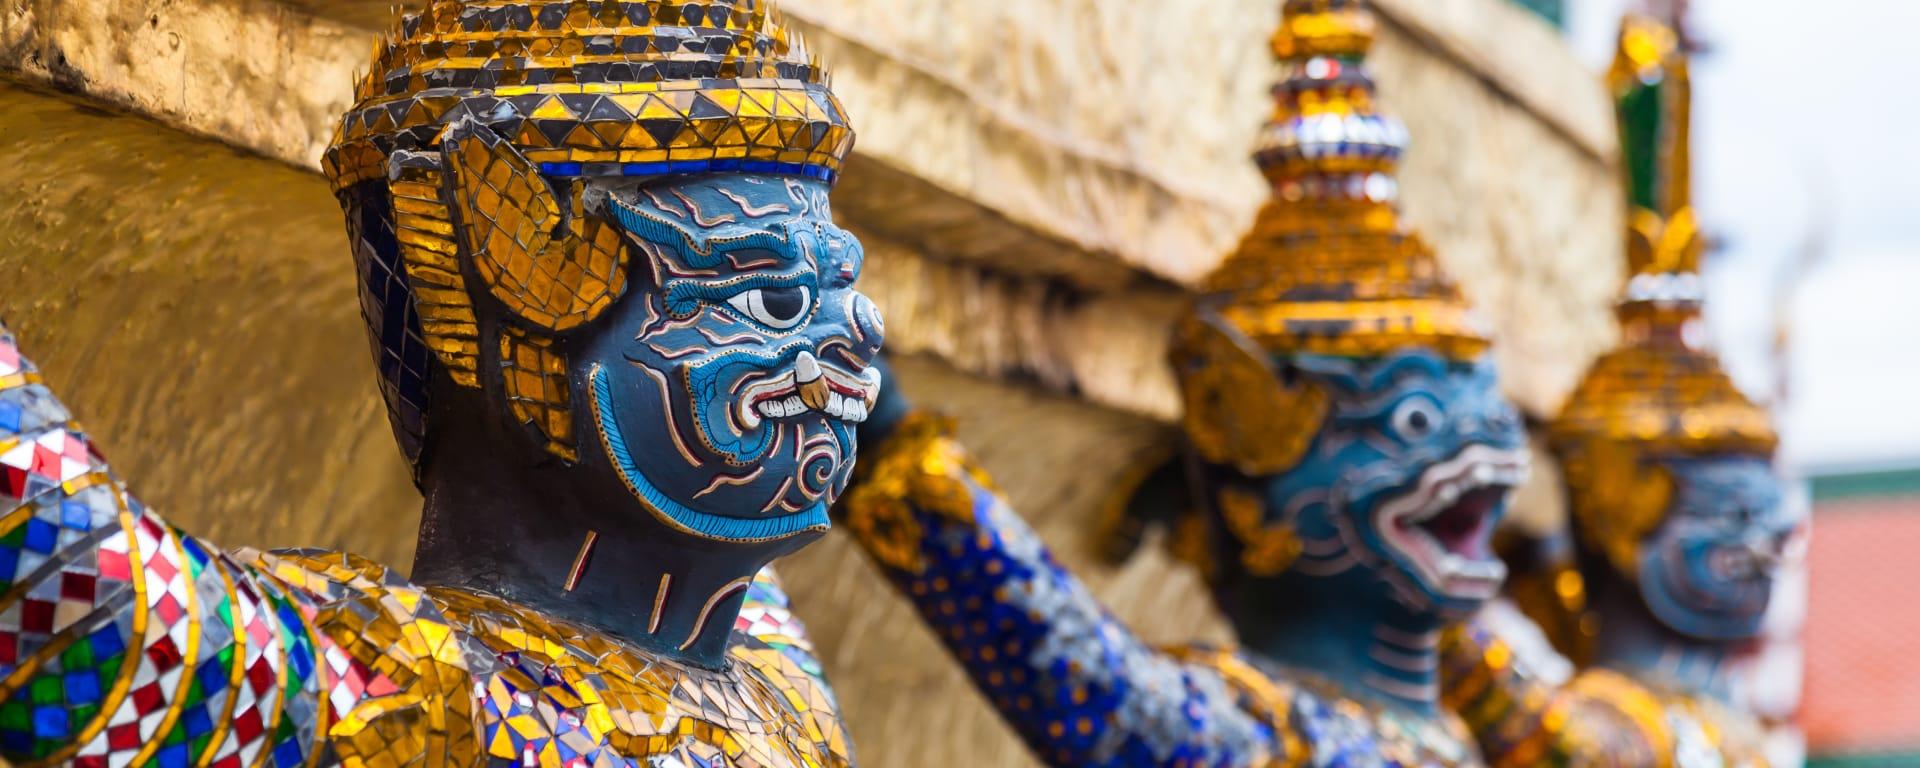 Thailand entdecken mit Tischler Reisen: Thailand Bangkok Grand Palace Statuen